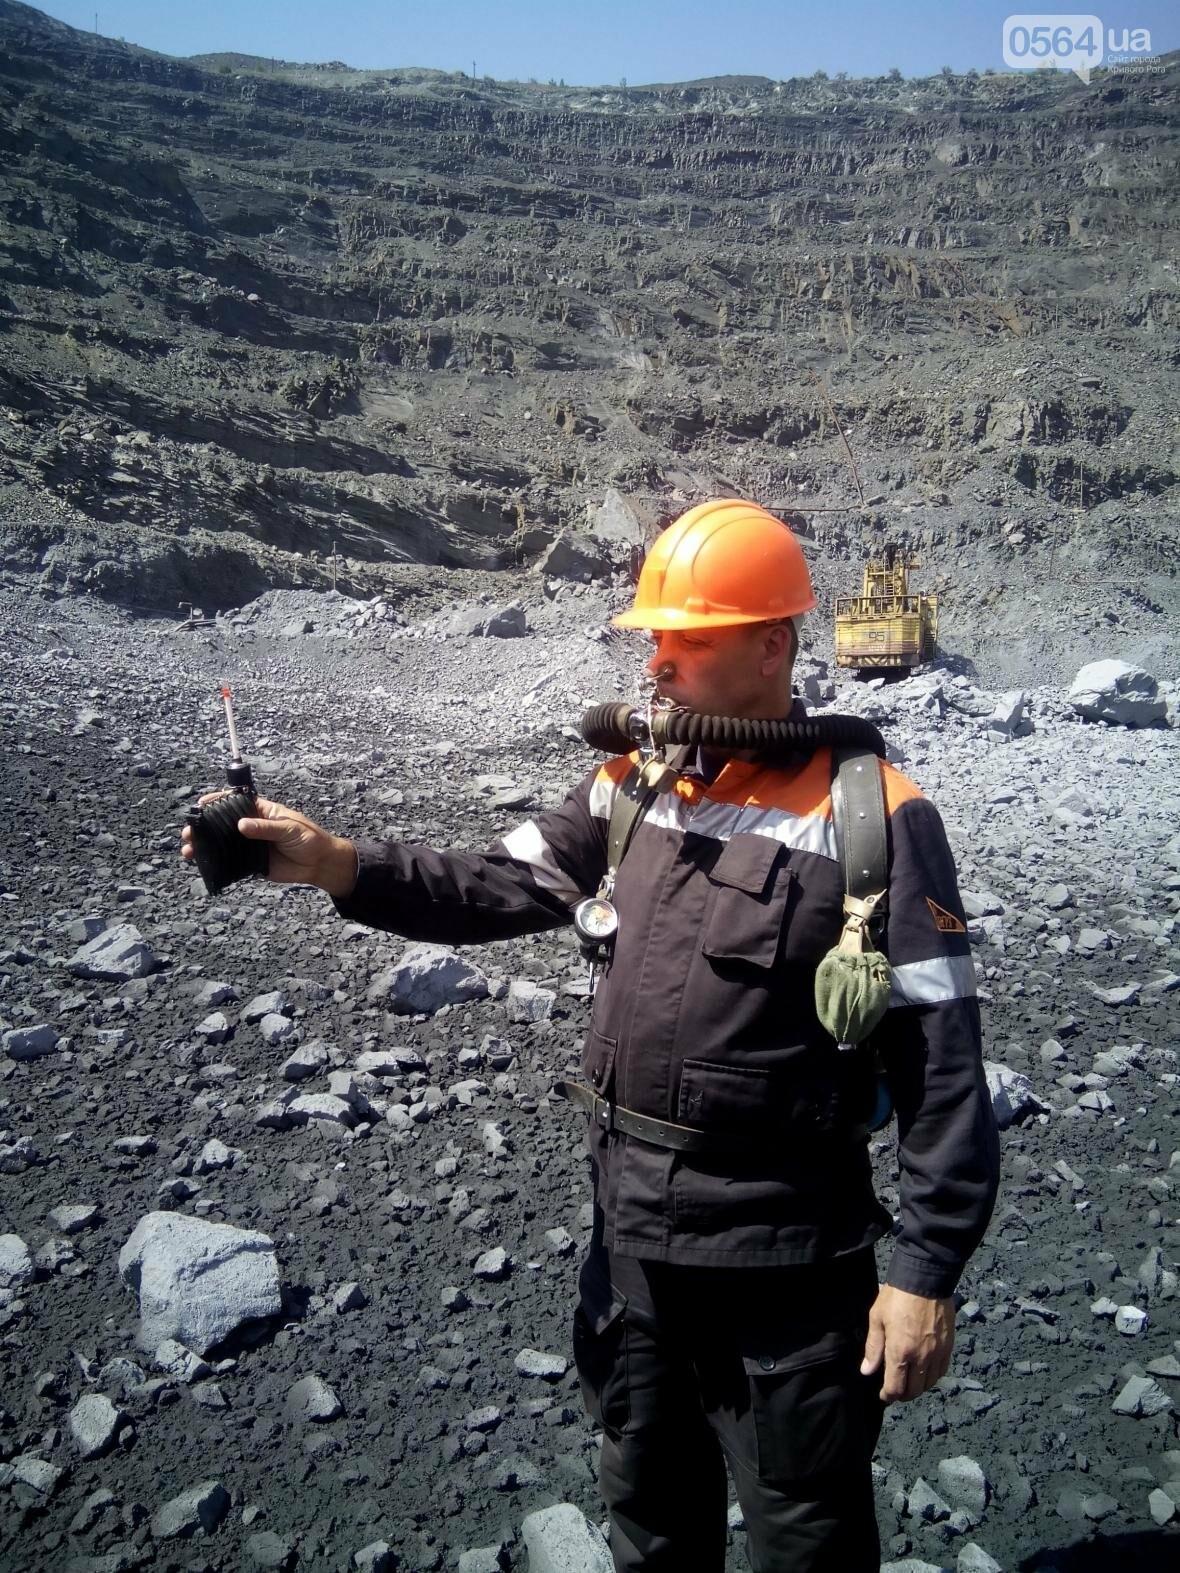 Горноспасатели взорвали в криворожском карьере 300 тонн взрывчатых веществ (ФОТО), фото-6